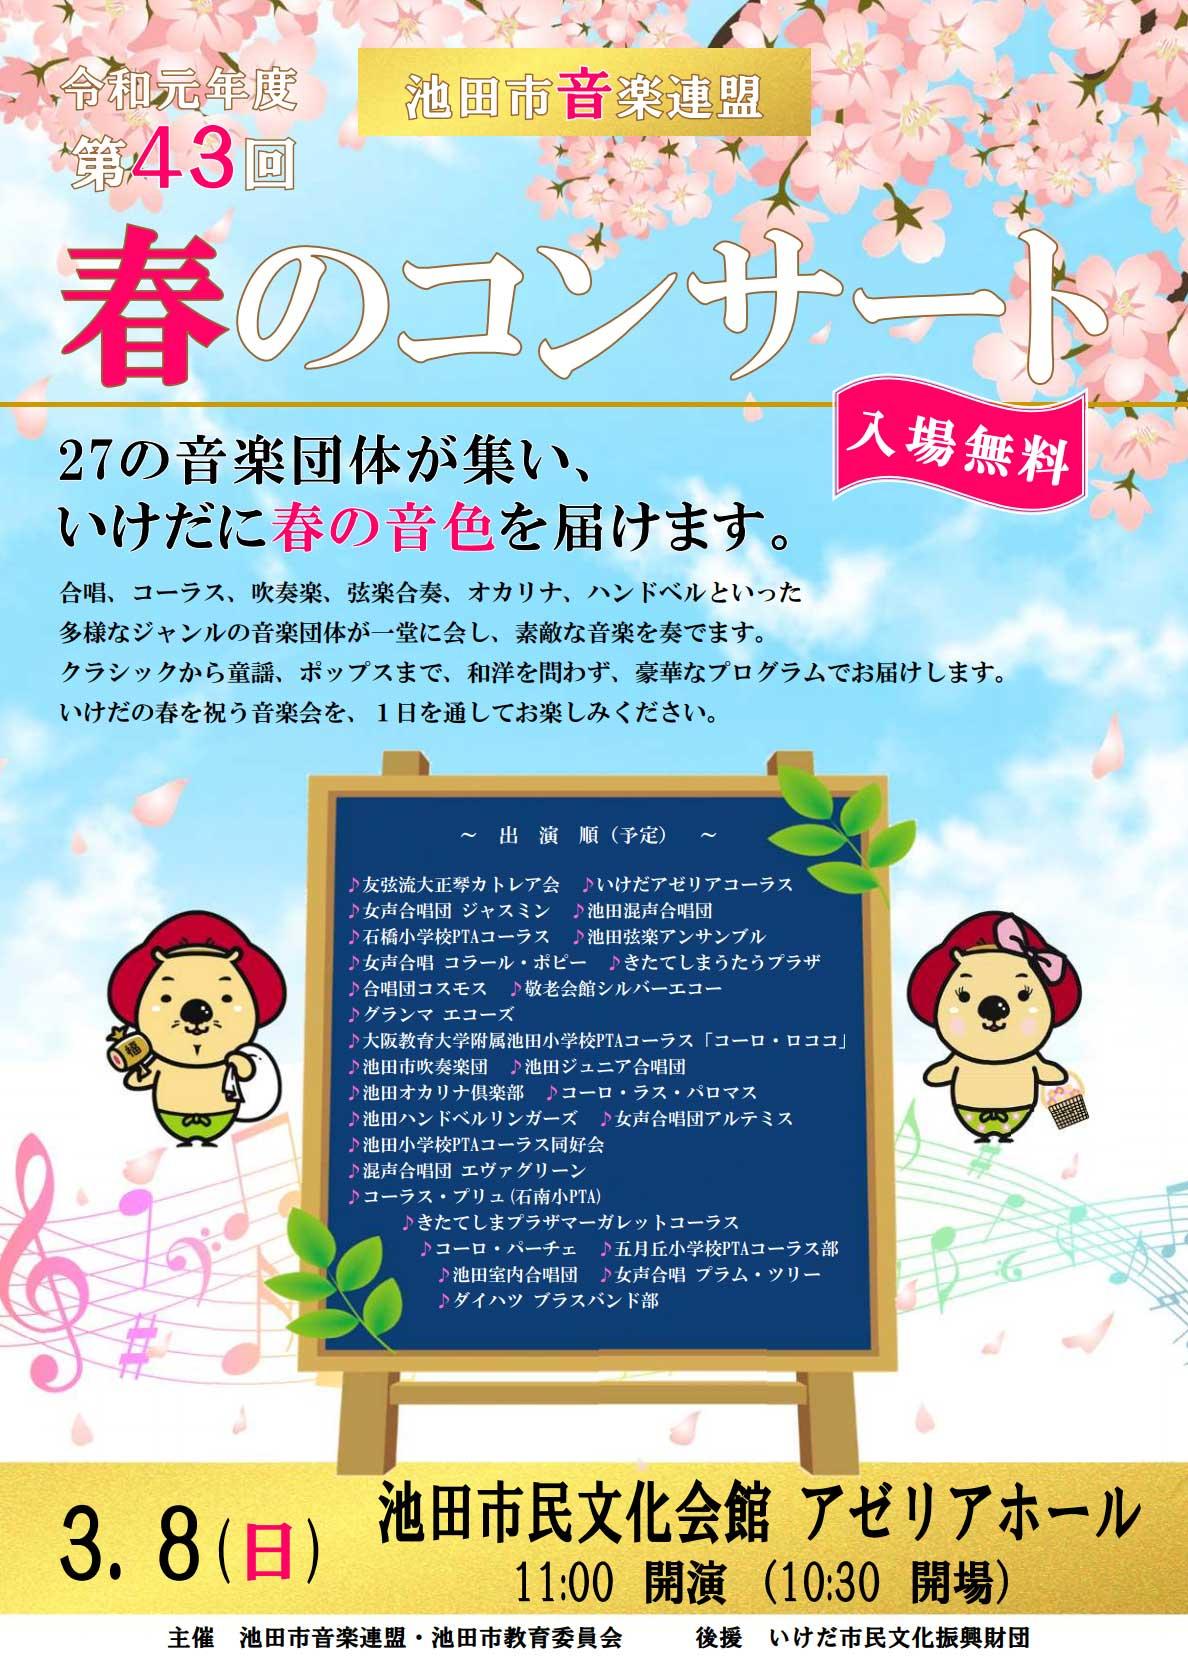 【中止】『池田市音楽連盟 第43回 春のコンサート』いけだに春の音色を届けます